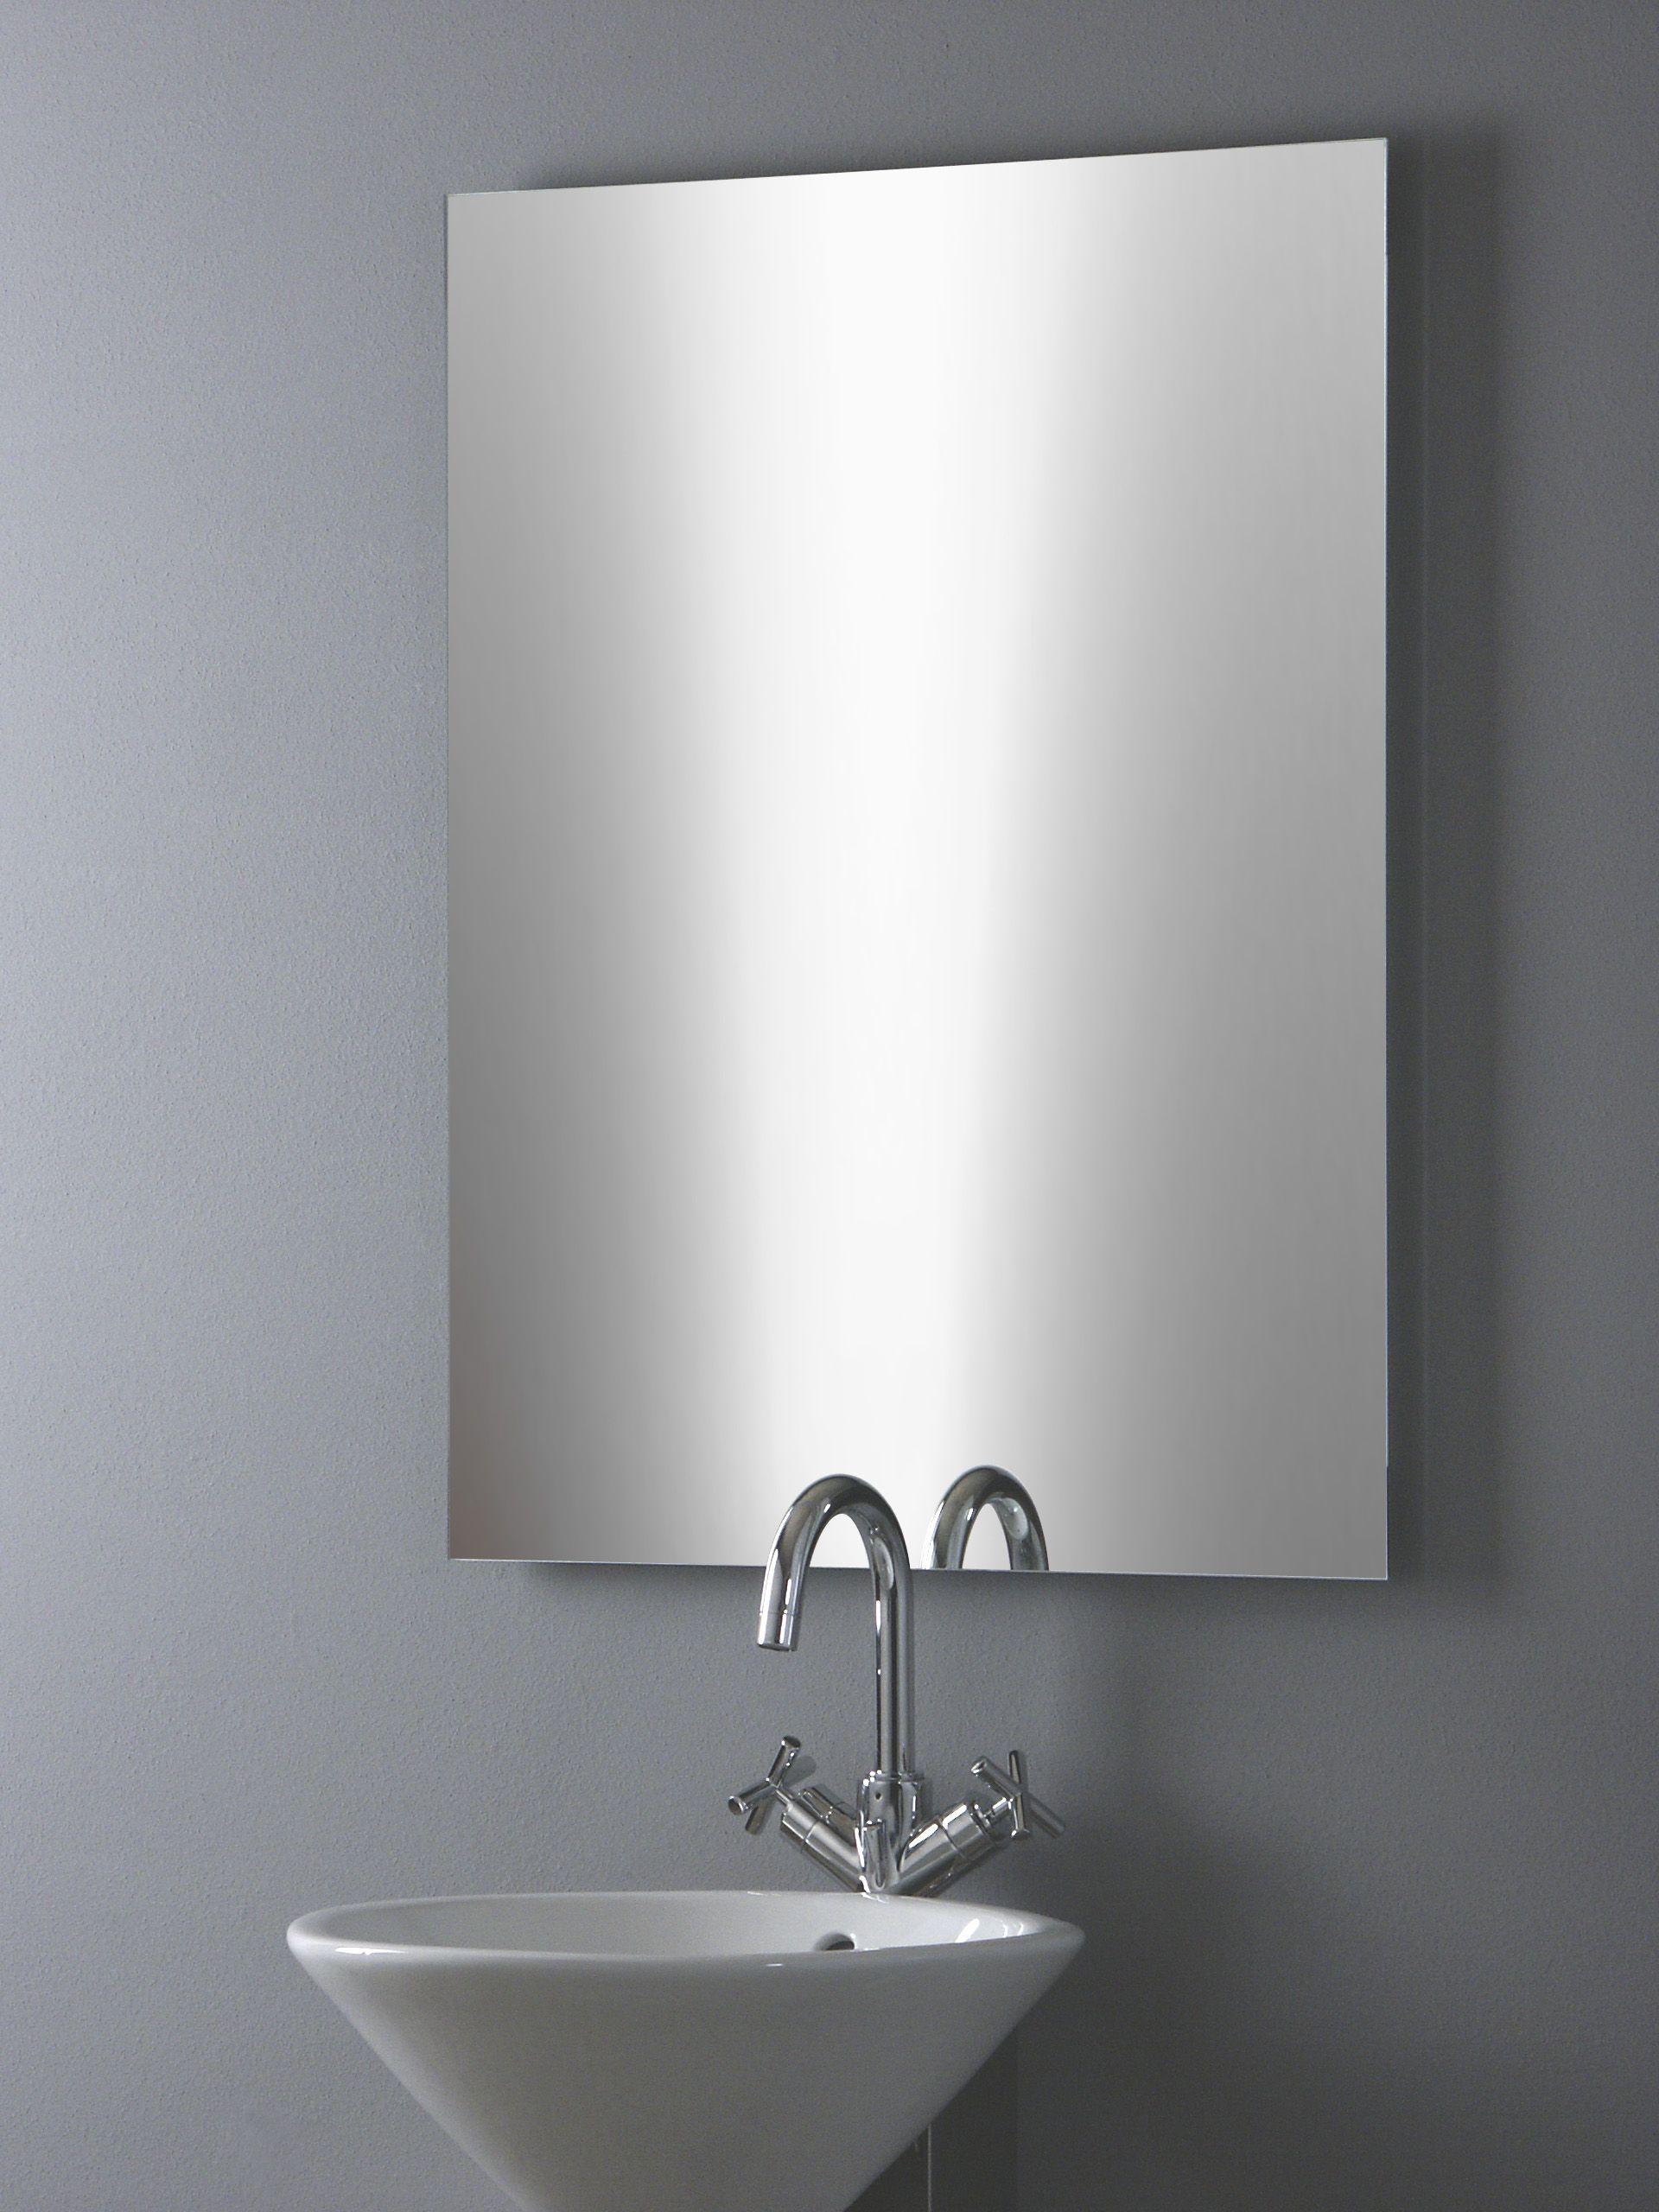 Badspiegel Basic Ohne Beleuchtung Badezimmerspiegel